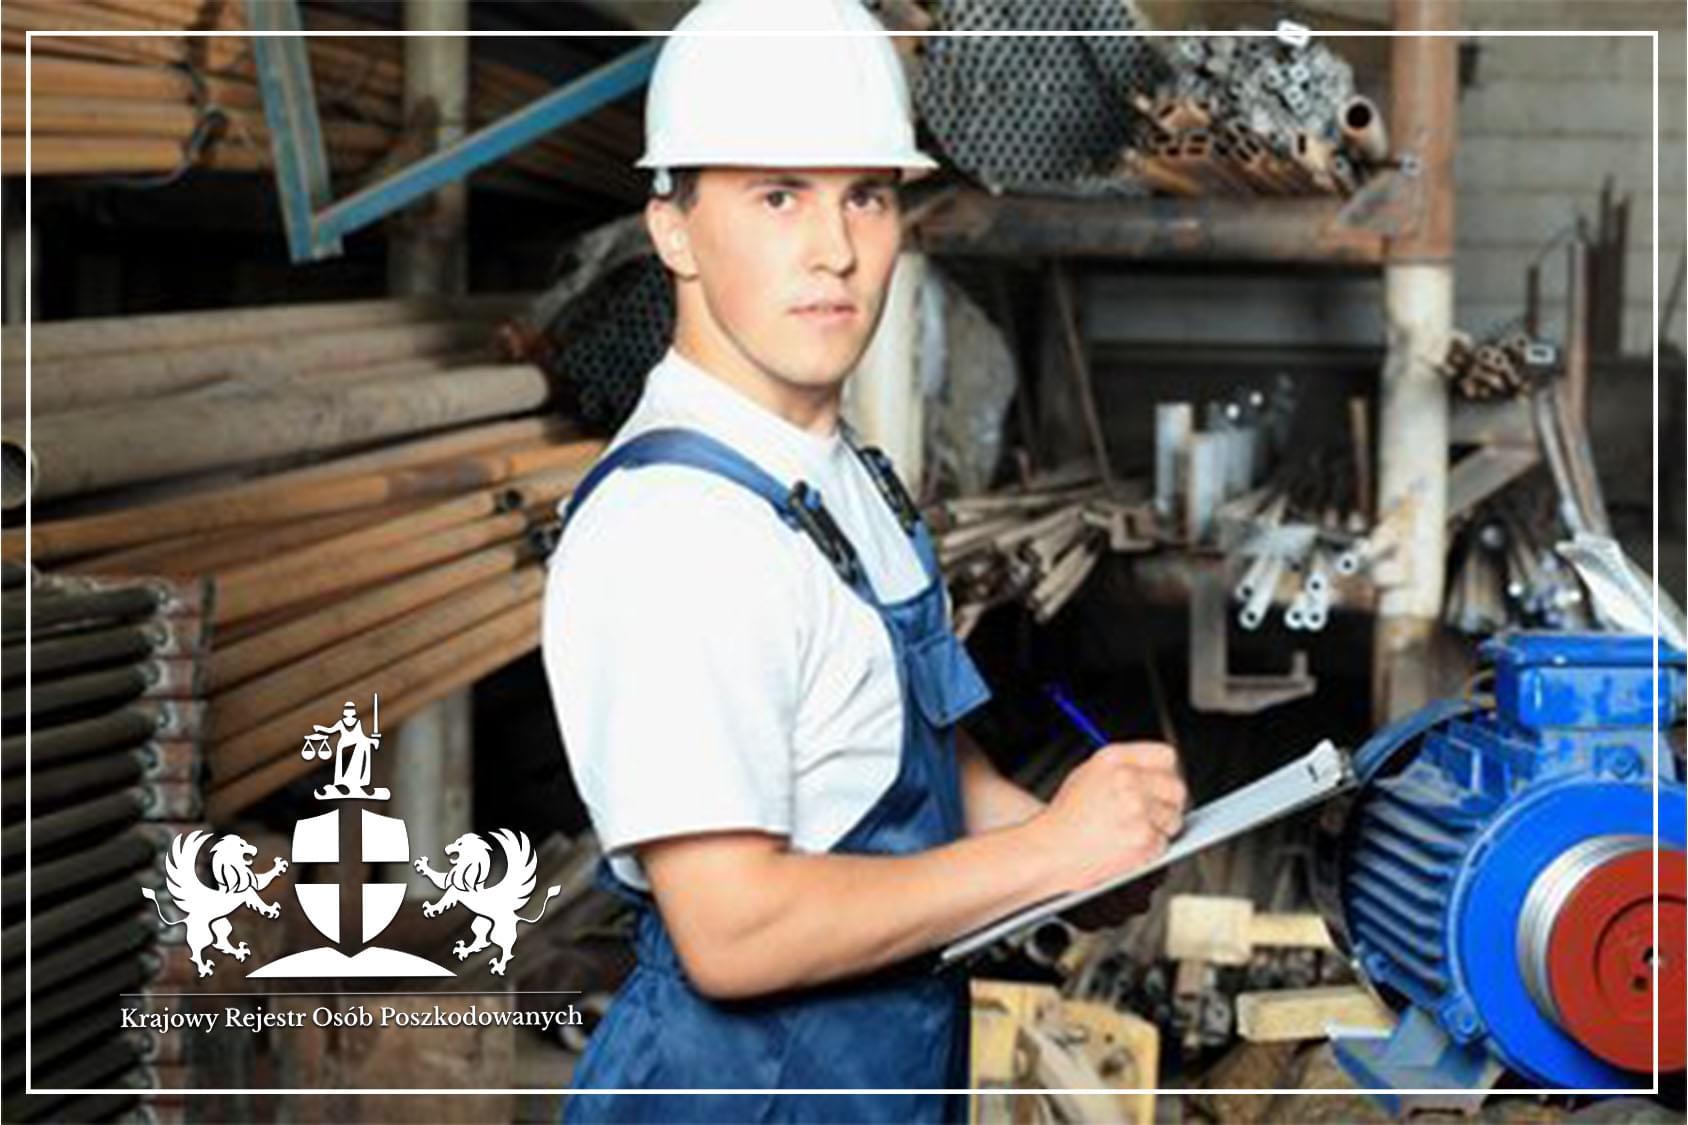 Odszkodowanie za wypadekprzy pracy